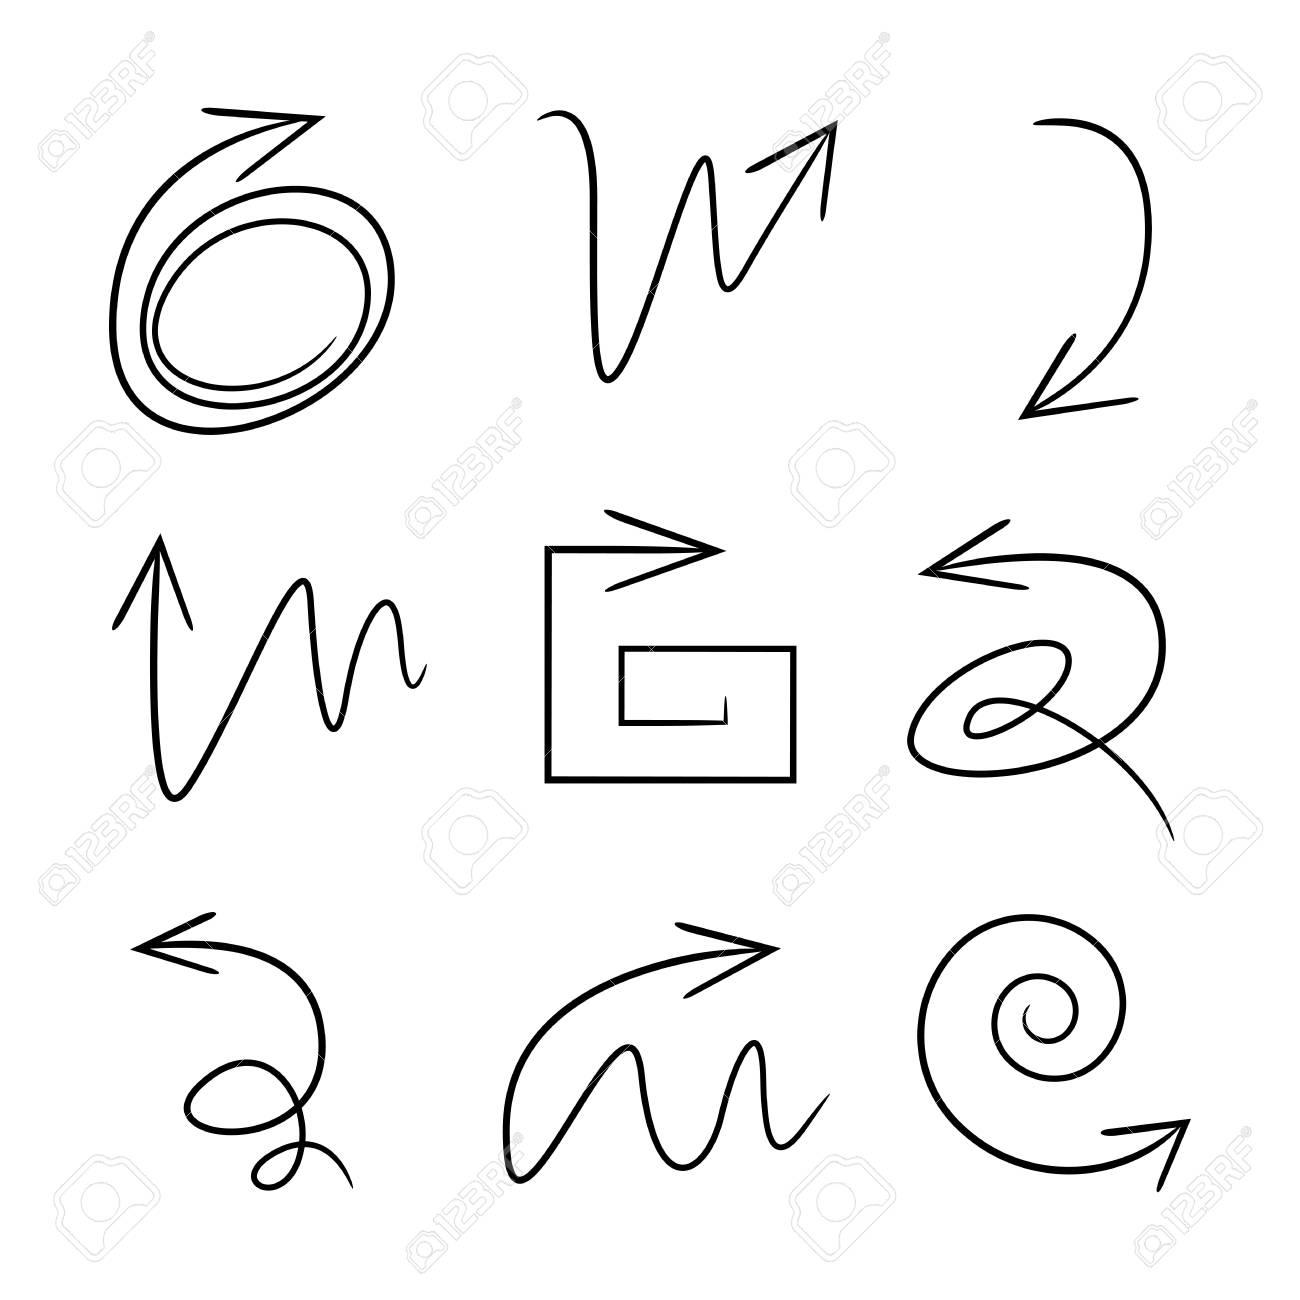 sketch arrow icons - 122082092